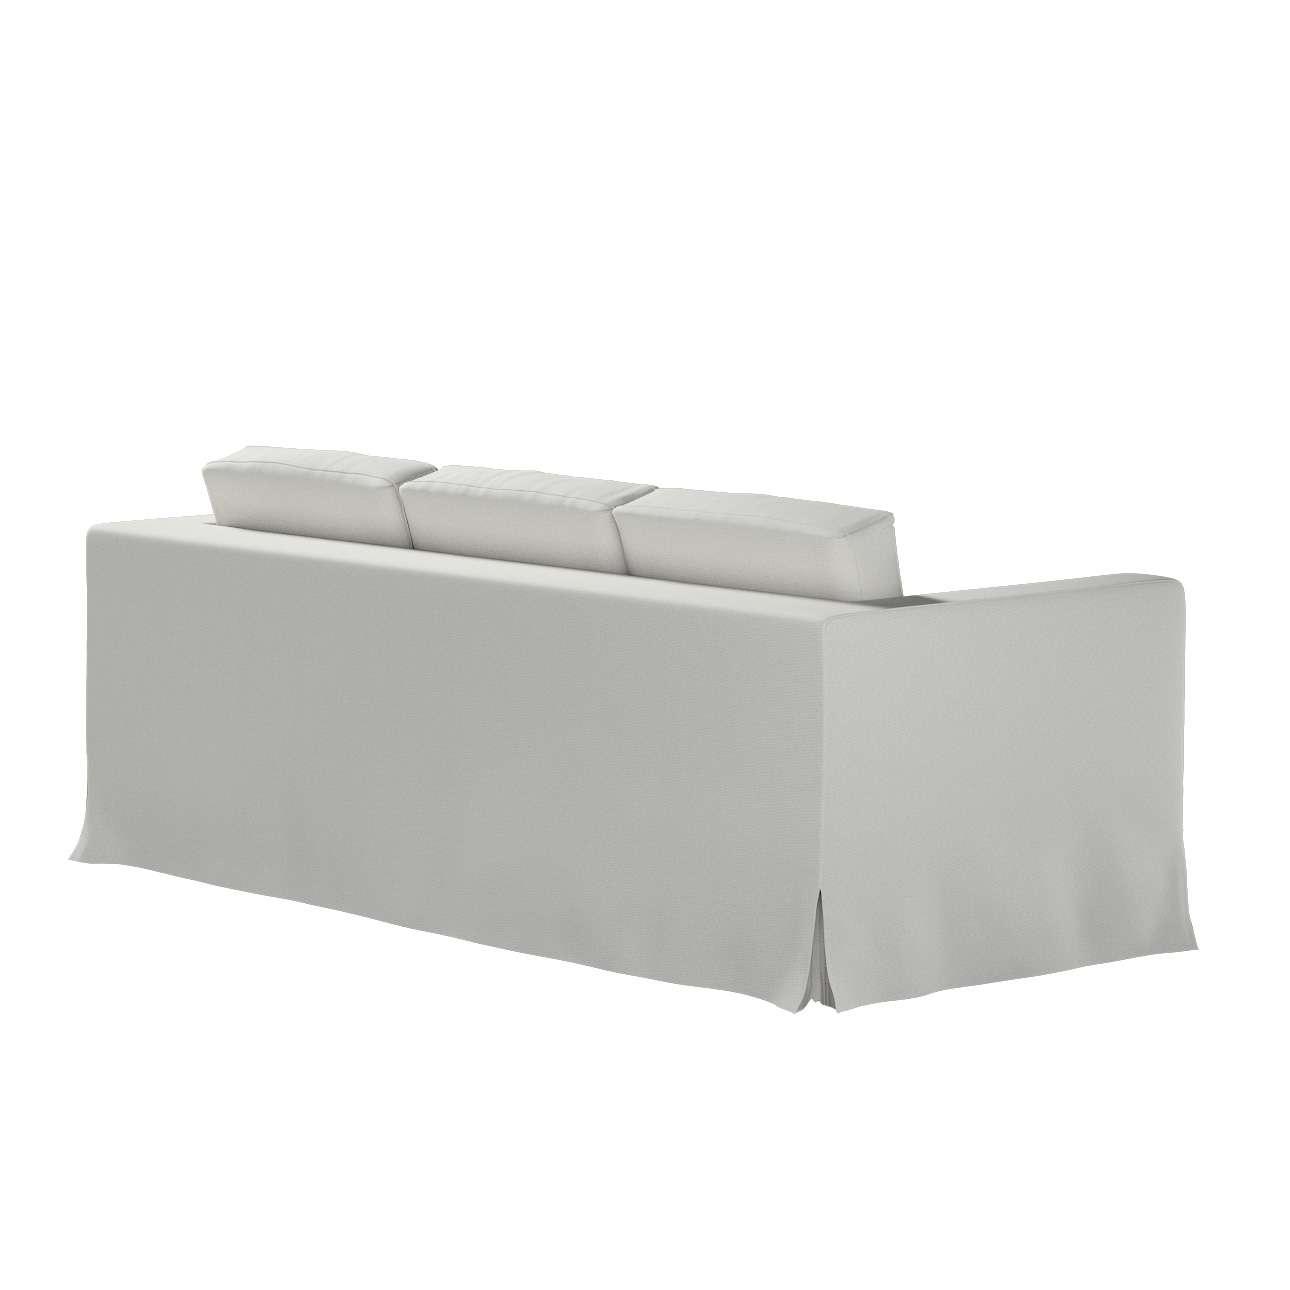 Pokrowiec na sofę Karlanda 3-osobową nierozkładaną, długi w kolekcji Etna, tkanina: 705-90